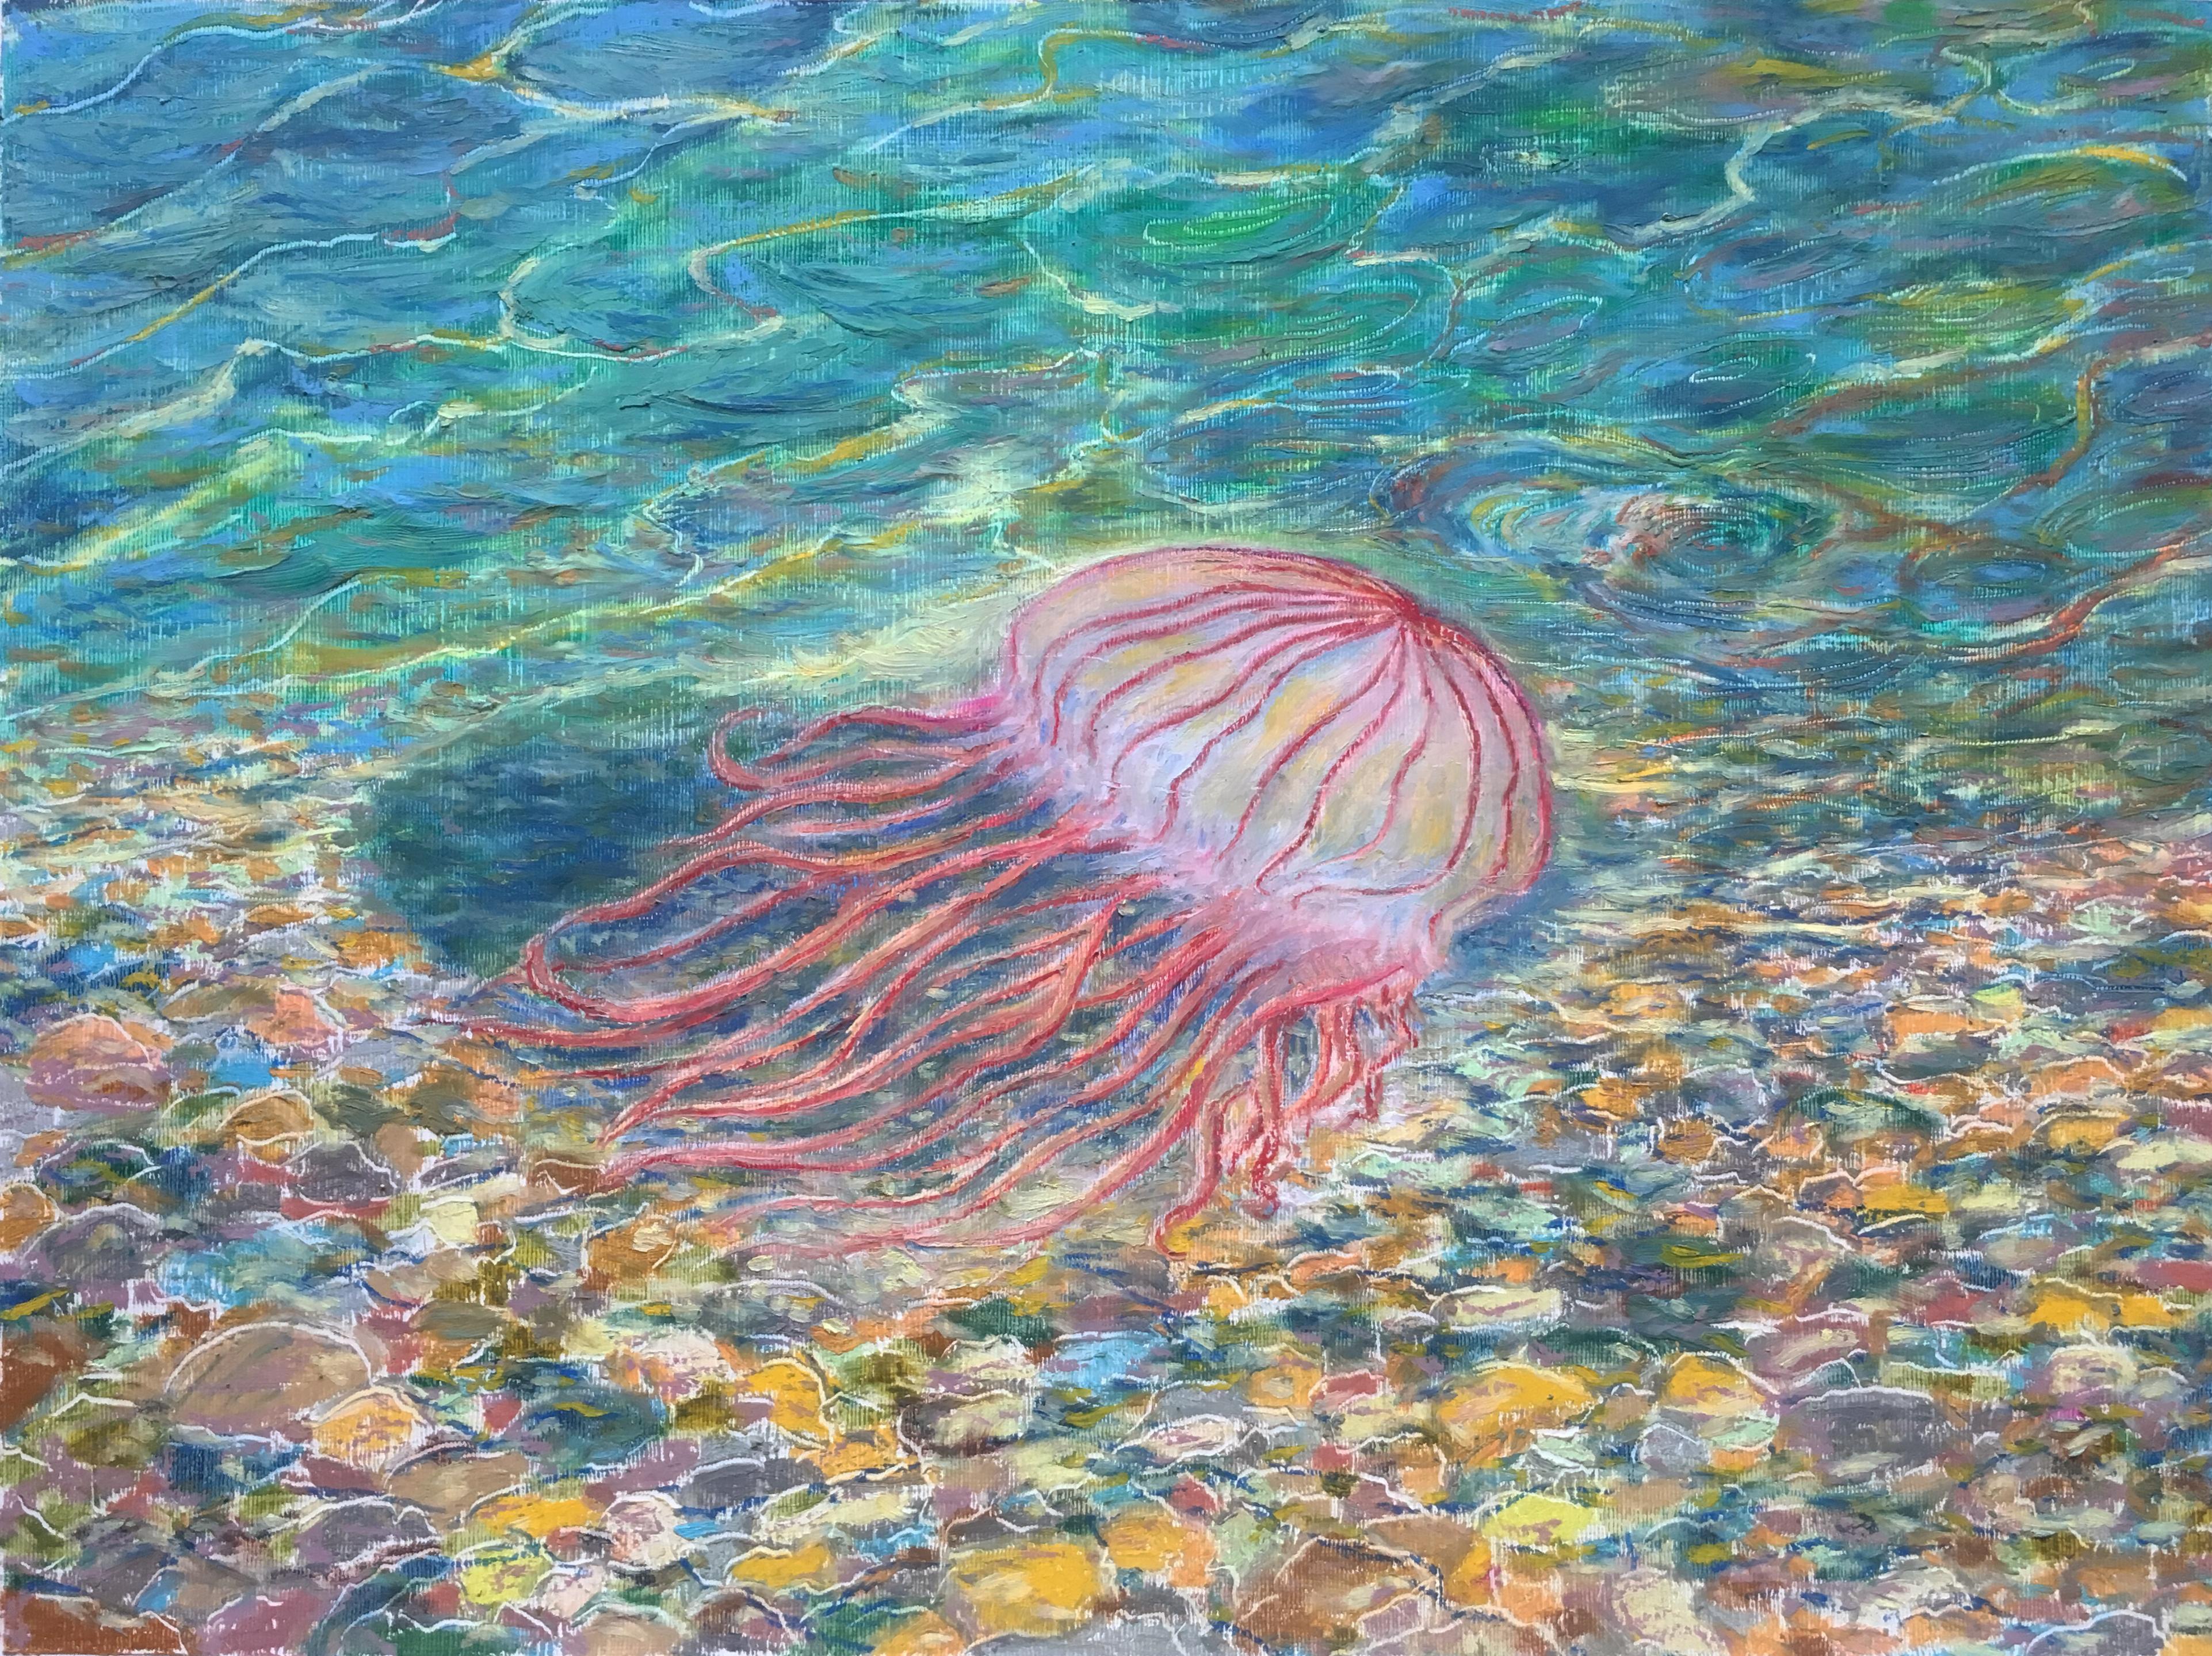 медуза подводный мир море масляная пастель рисунок художник Альберт Сафиуллин